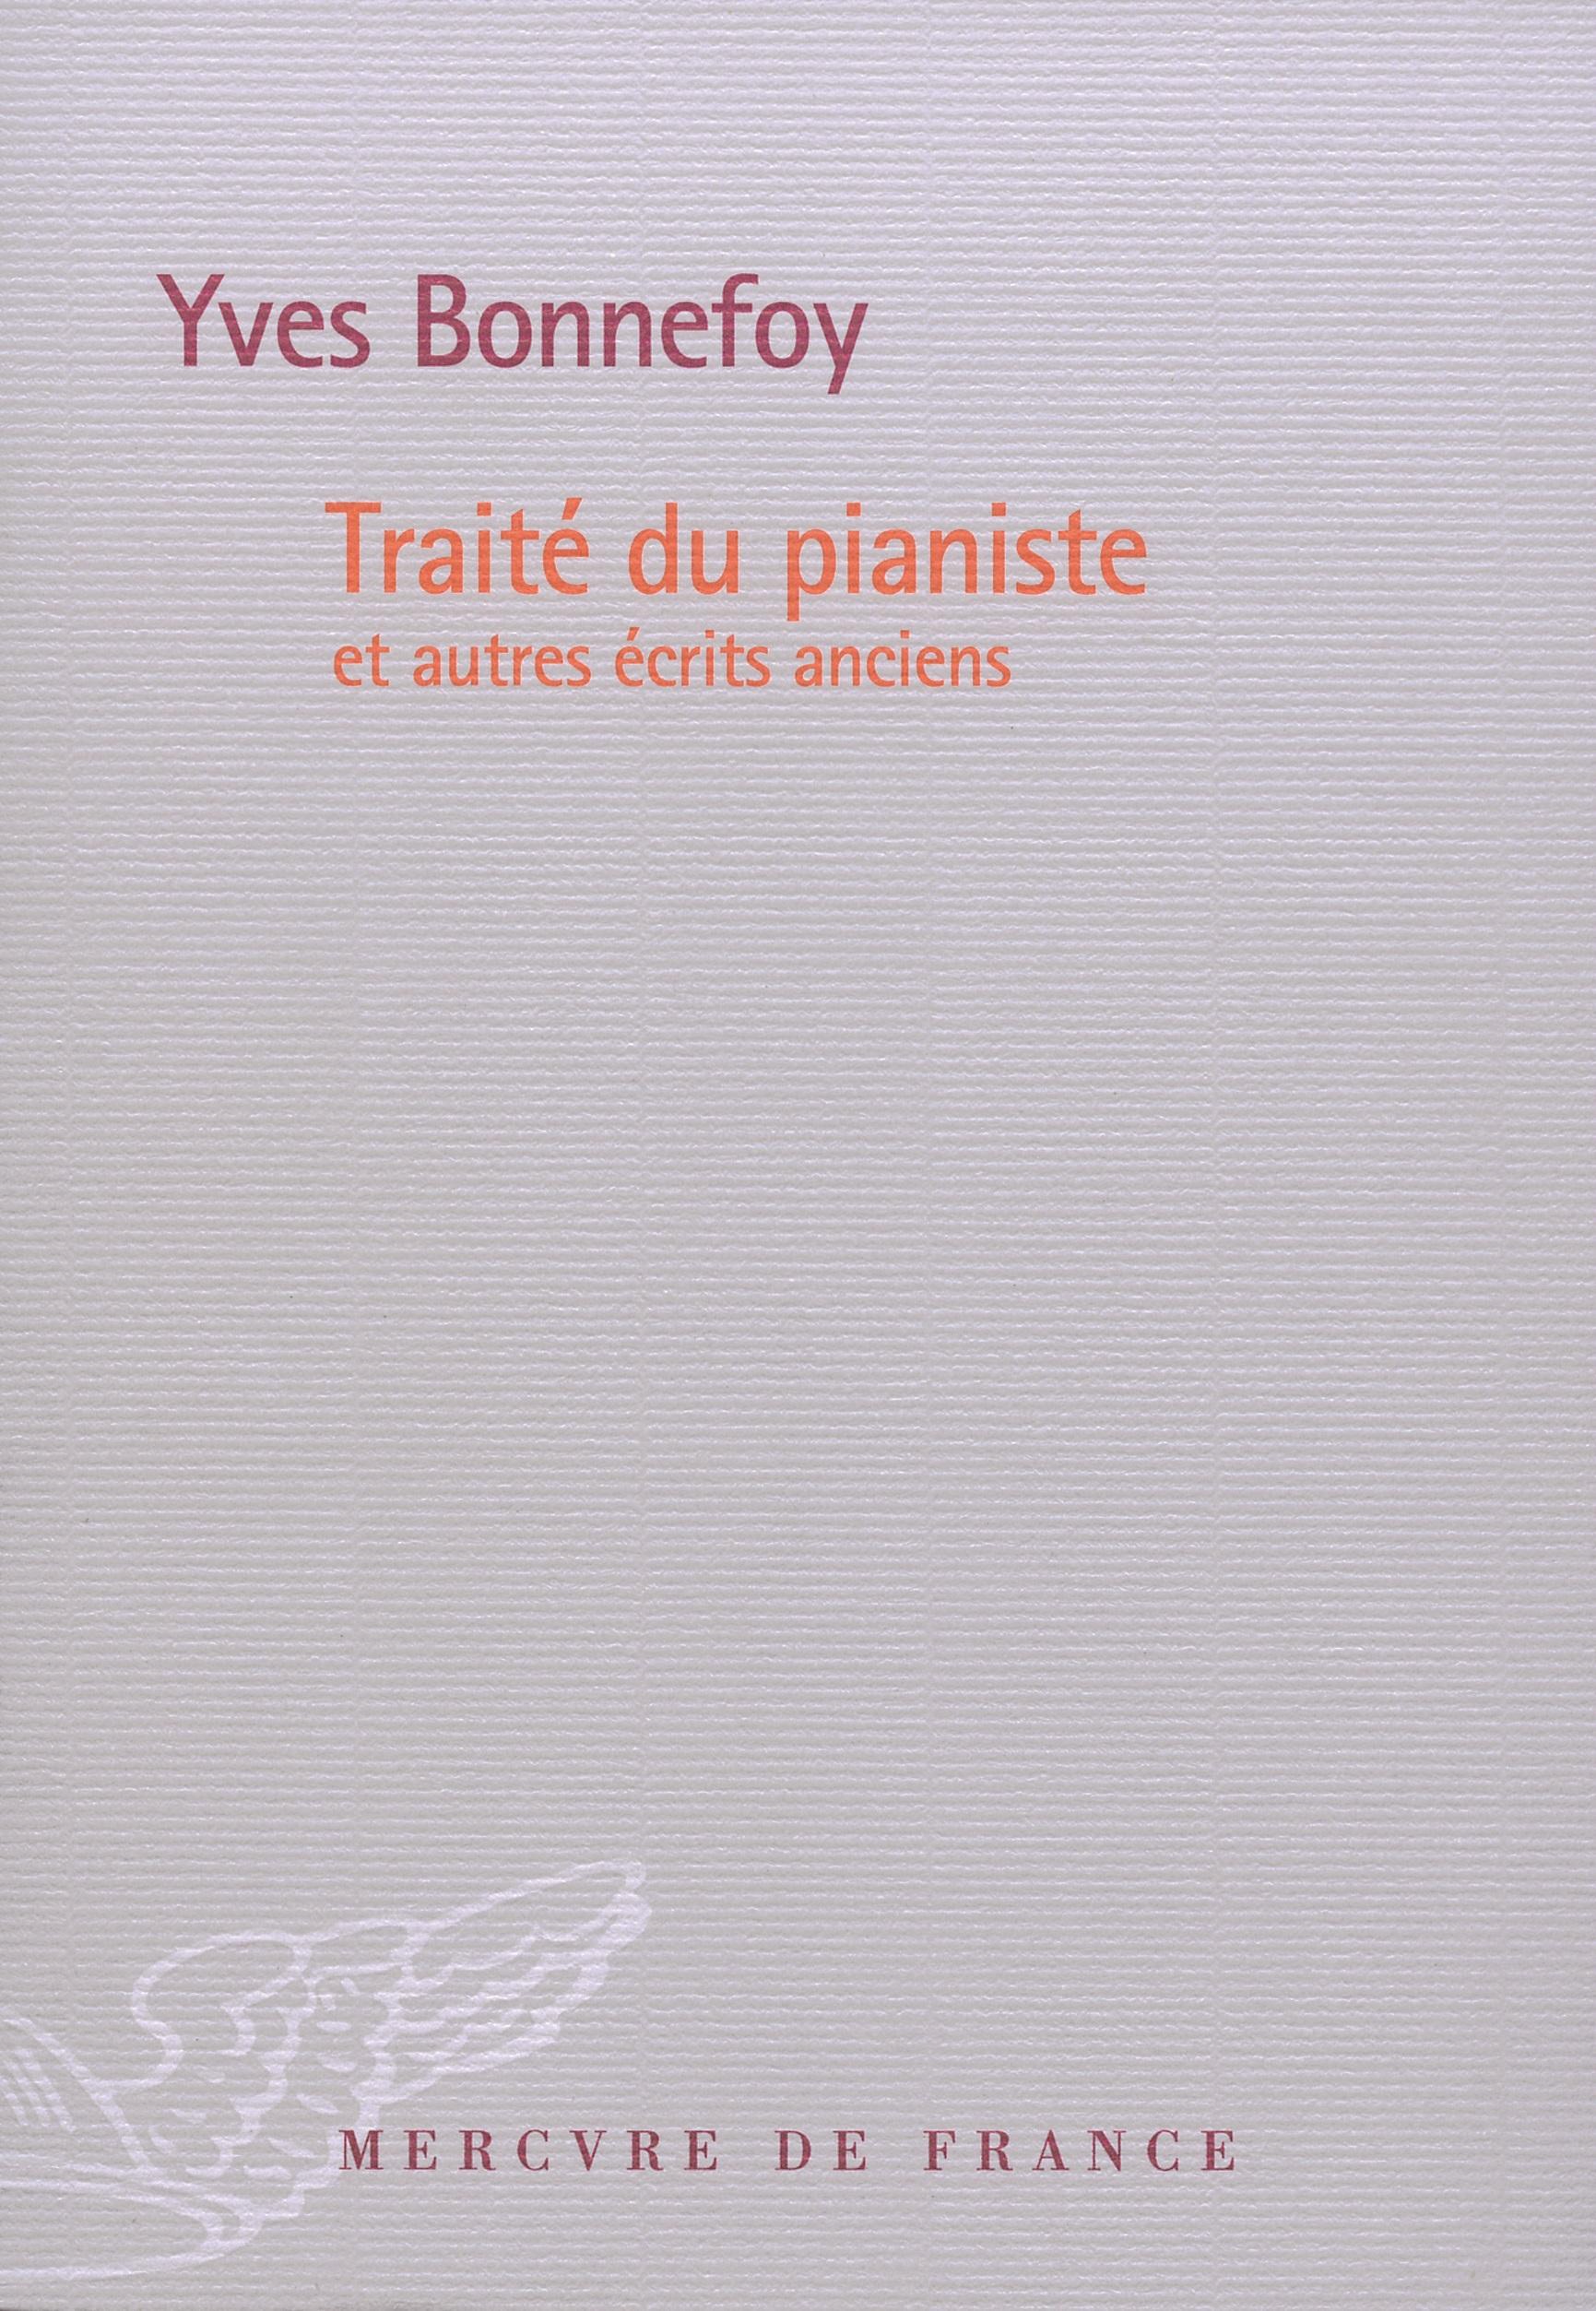 Traité du pianiste et autres écrits anciens